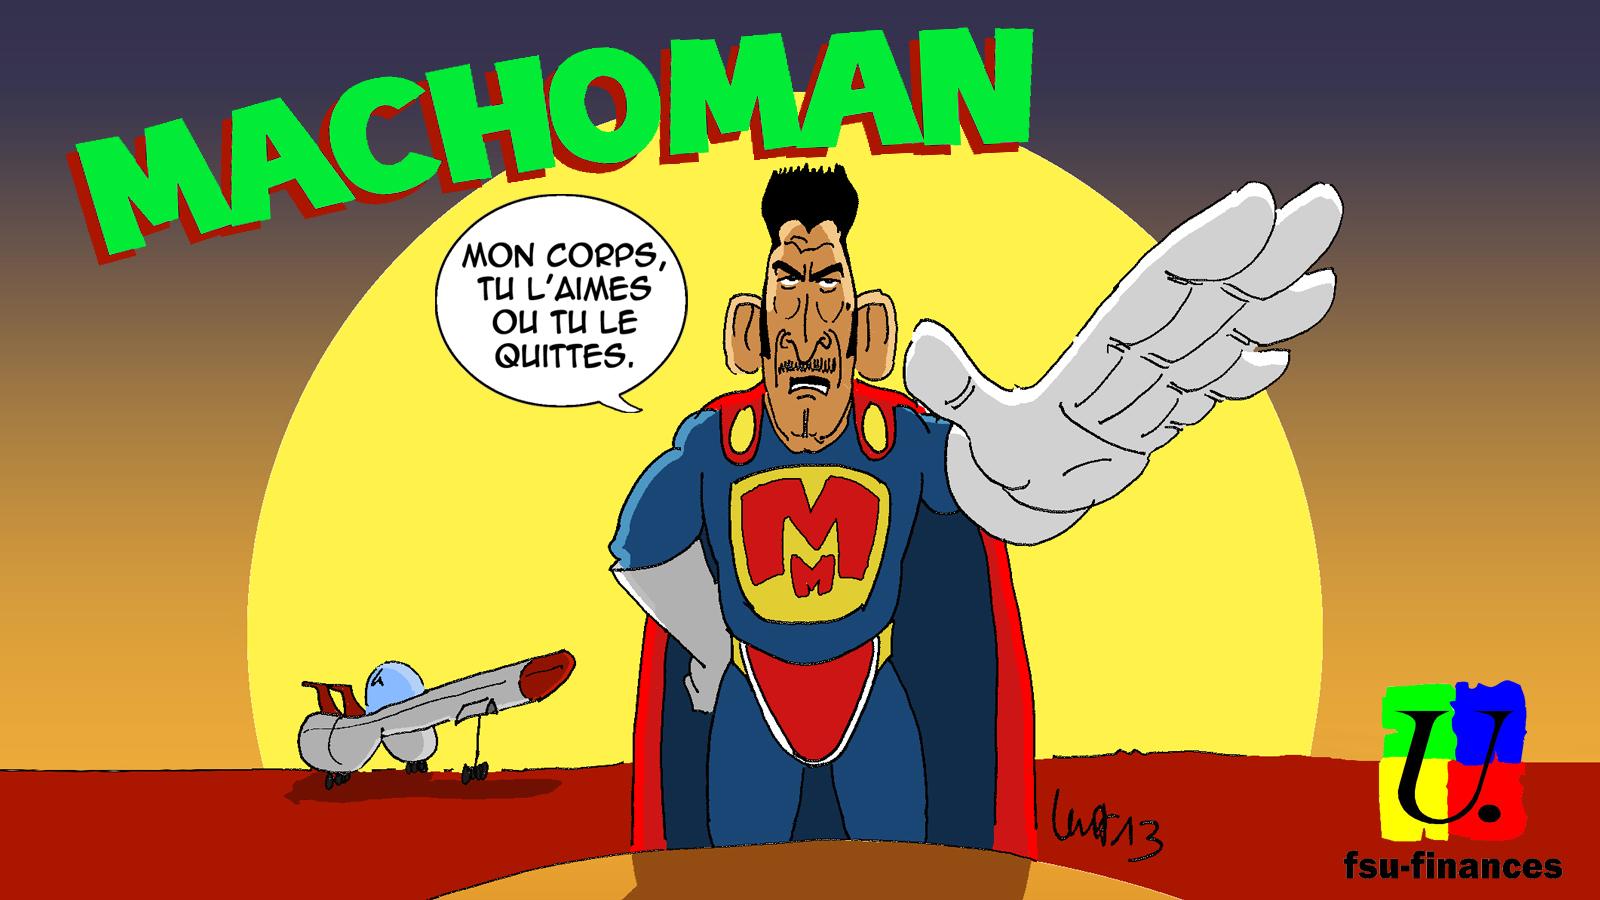 machoman_1600x900.jpg